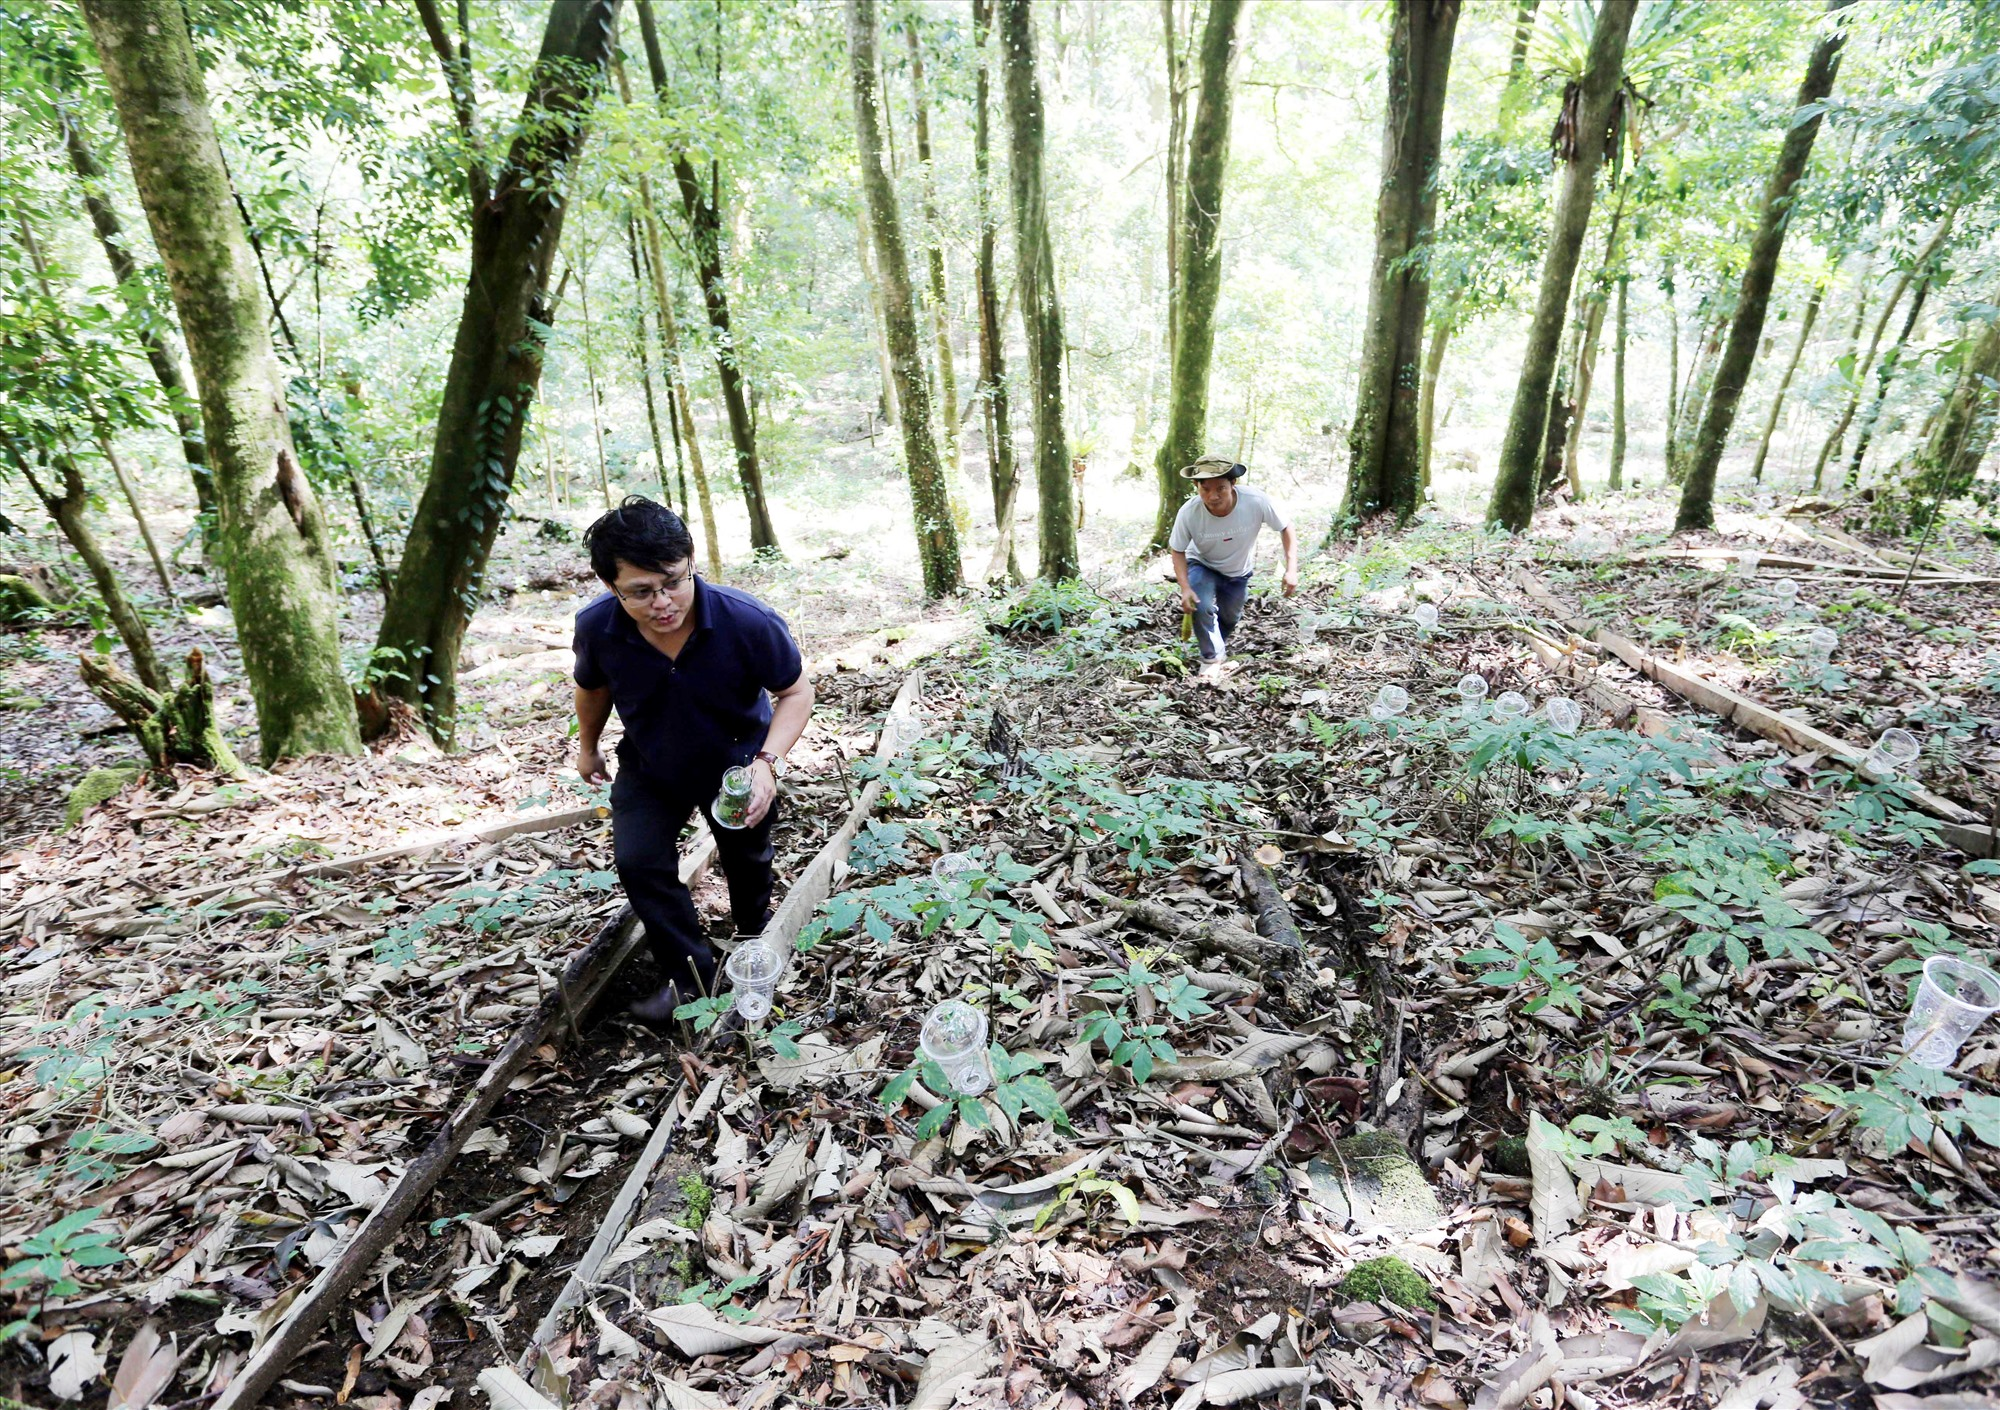 Những luống sâm được trồng dưới tán rừng, xung quanh dùng thân cây và ván thưng nhằm tránh bị trôi đất mùn khi trời mưa. Mỗi luống cao khoảng 20cm và có các rãnh giúp thoát nước, đi lại chăm sóc.